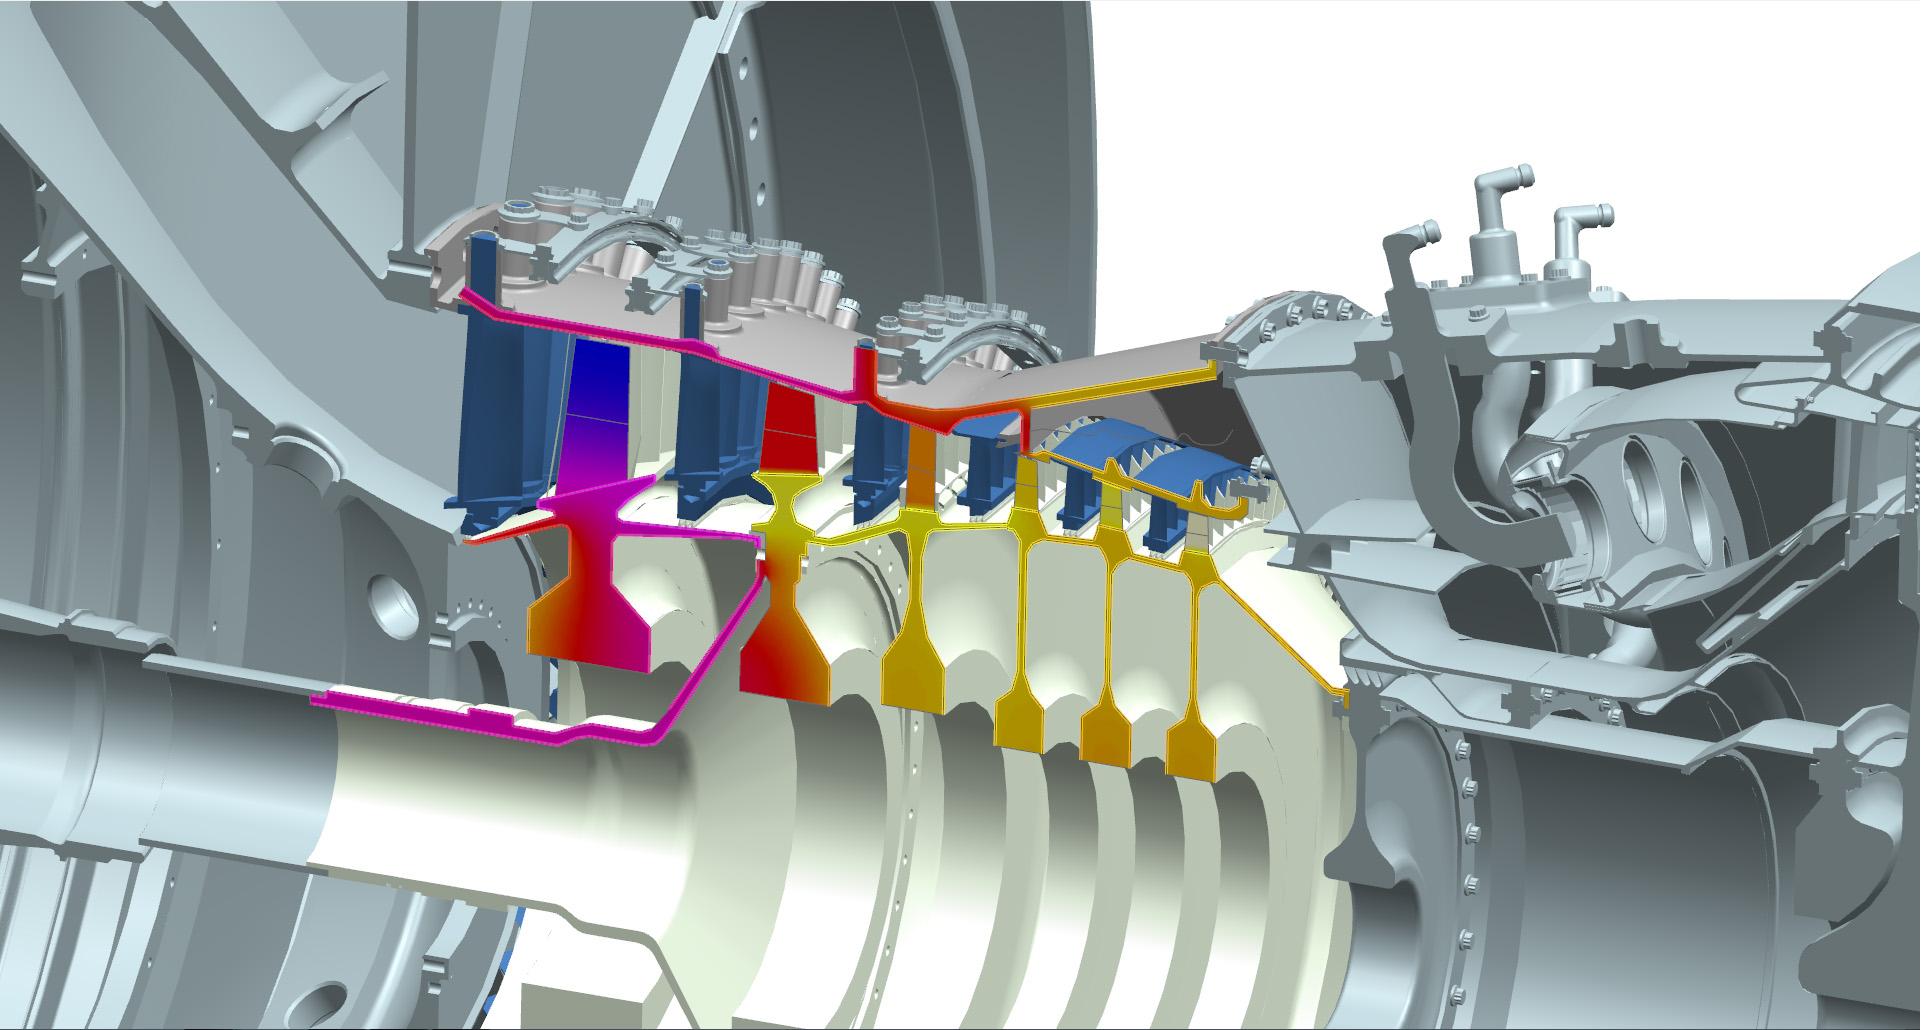 Siemens Digital Industries Software et Siemens Energy s'associent pour simuler les systèmes énergétiques de nouvelle génération